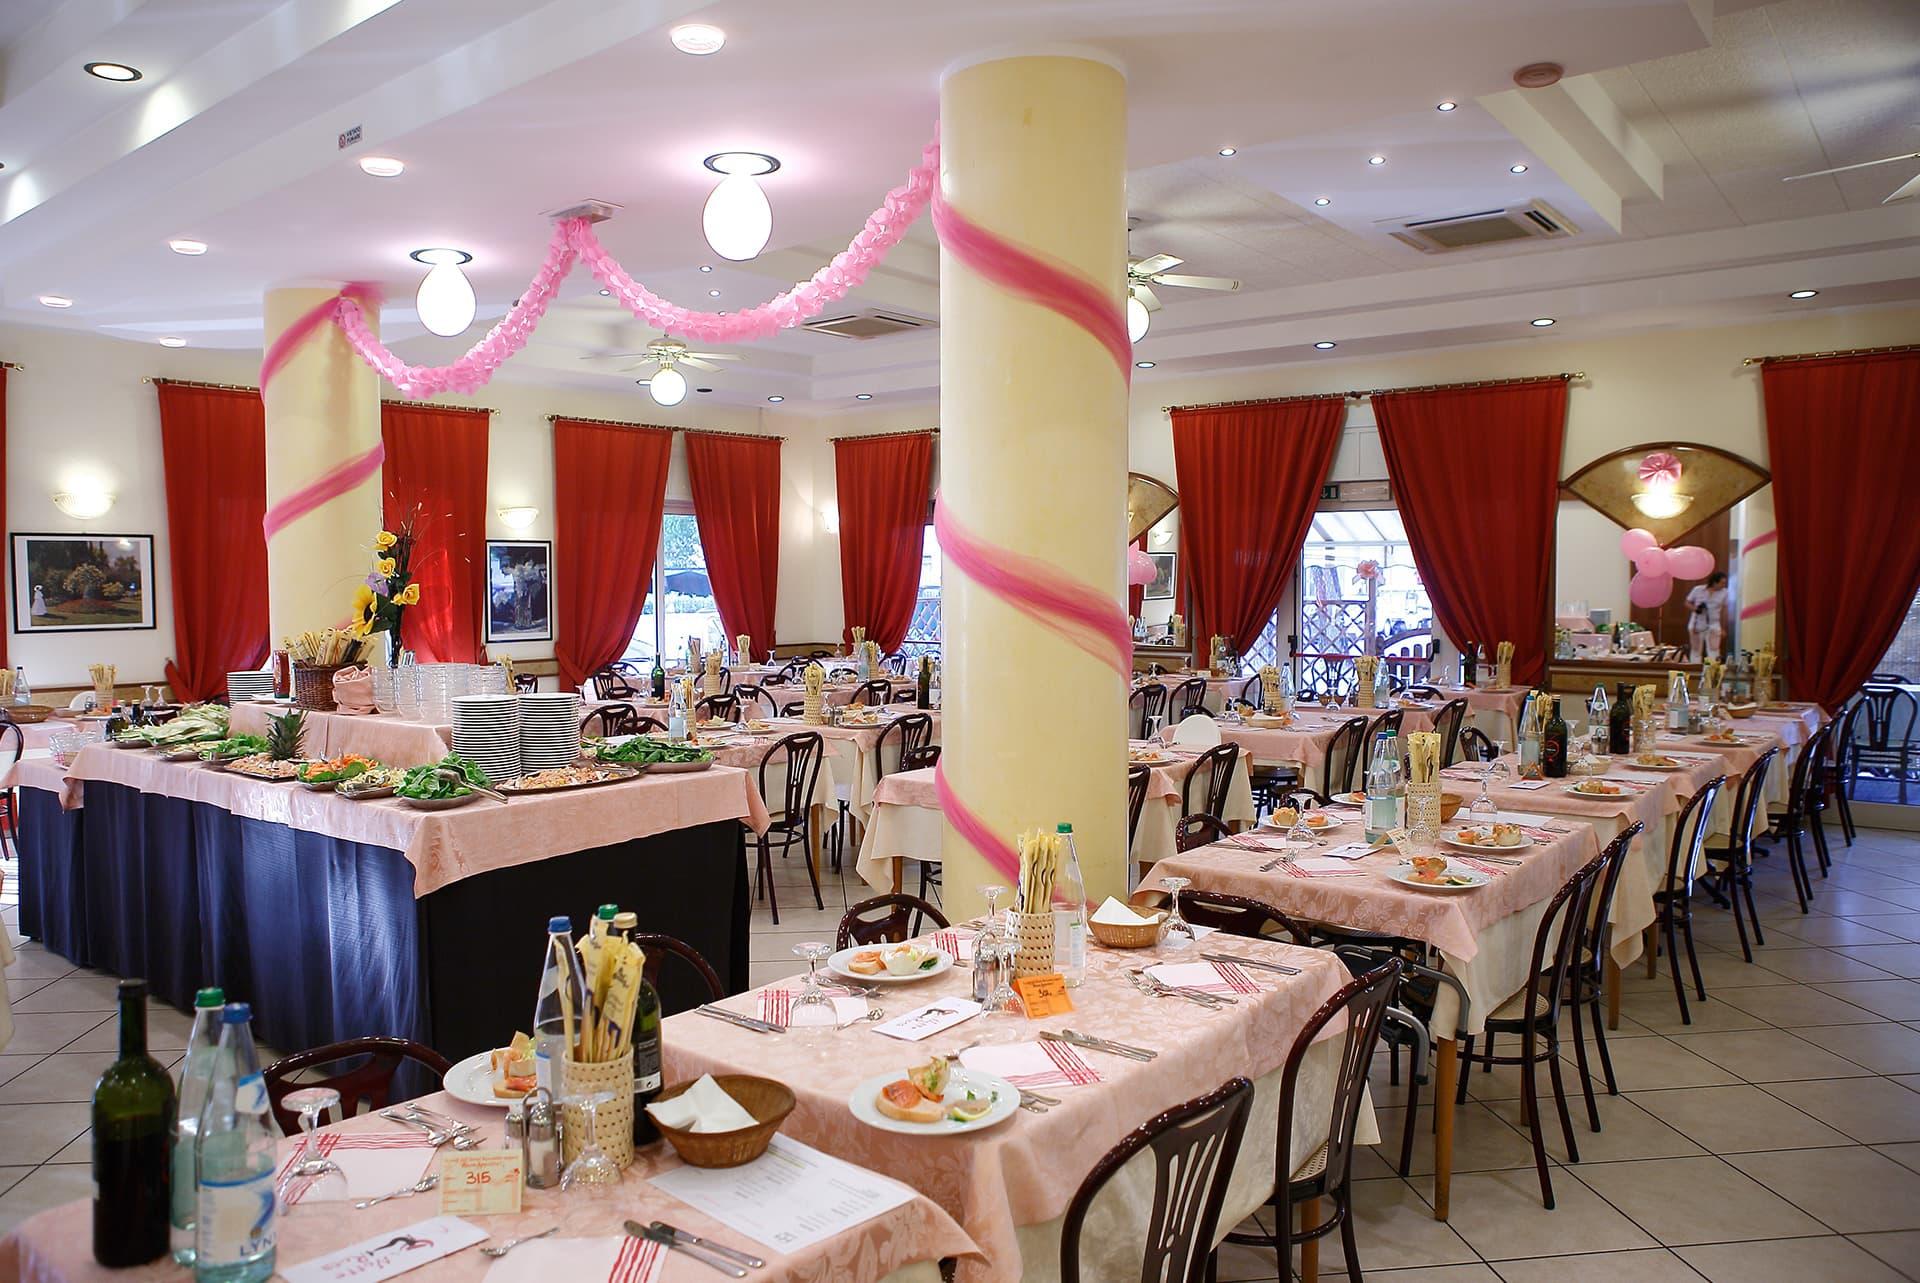 Cucina tradizionale romagnola hotel mocambo 3 stelle riccione for Cucina tradizionale